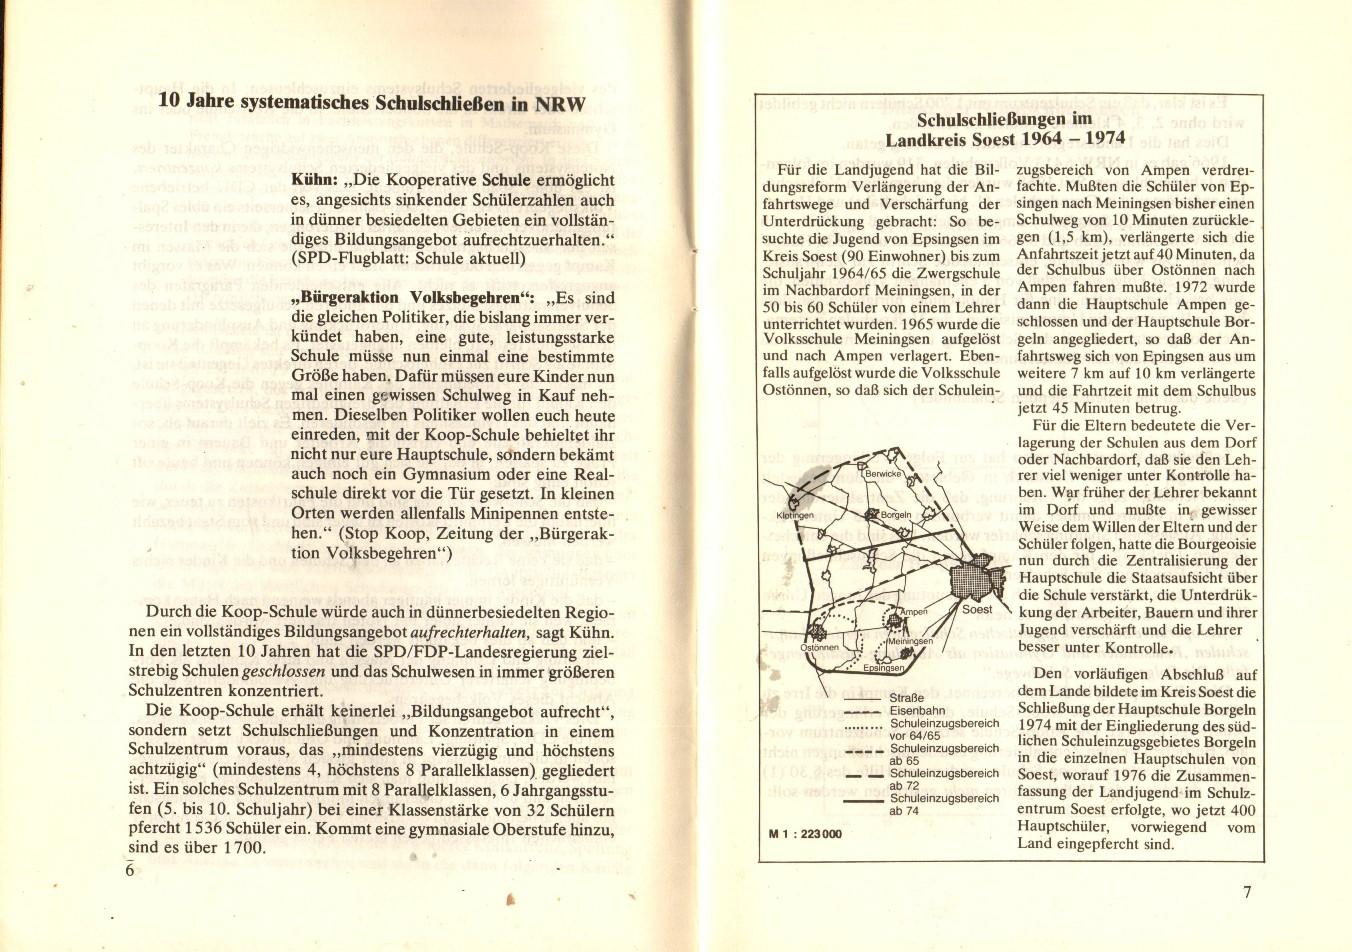 NRW_KBW_1978_SPD_Schulgesetze_05